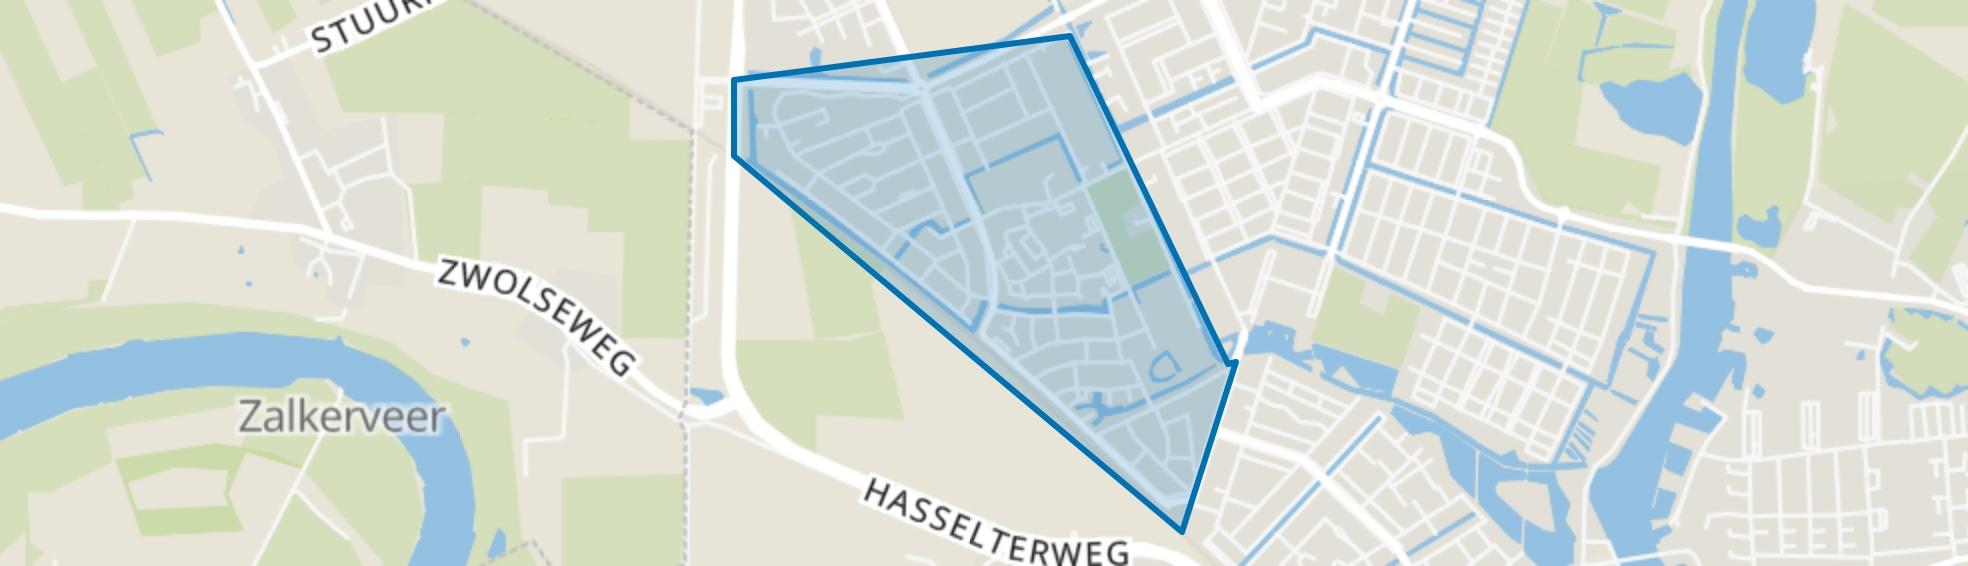 Werkeren, Zwolle map